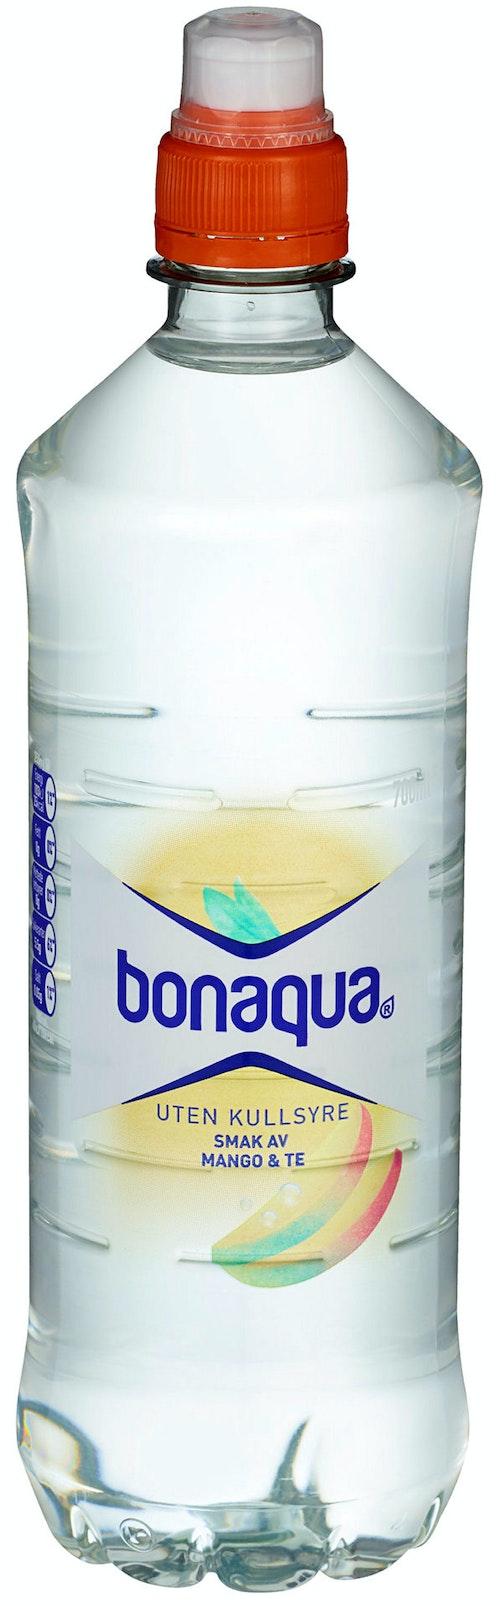 Bonaqua Bonaqua Mango & Tea 0,7 l